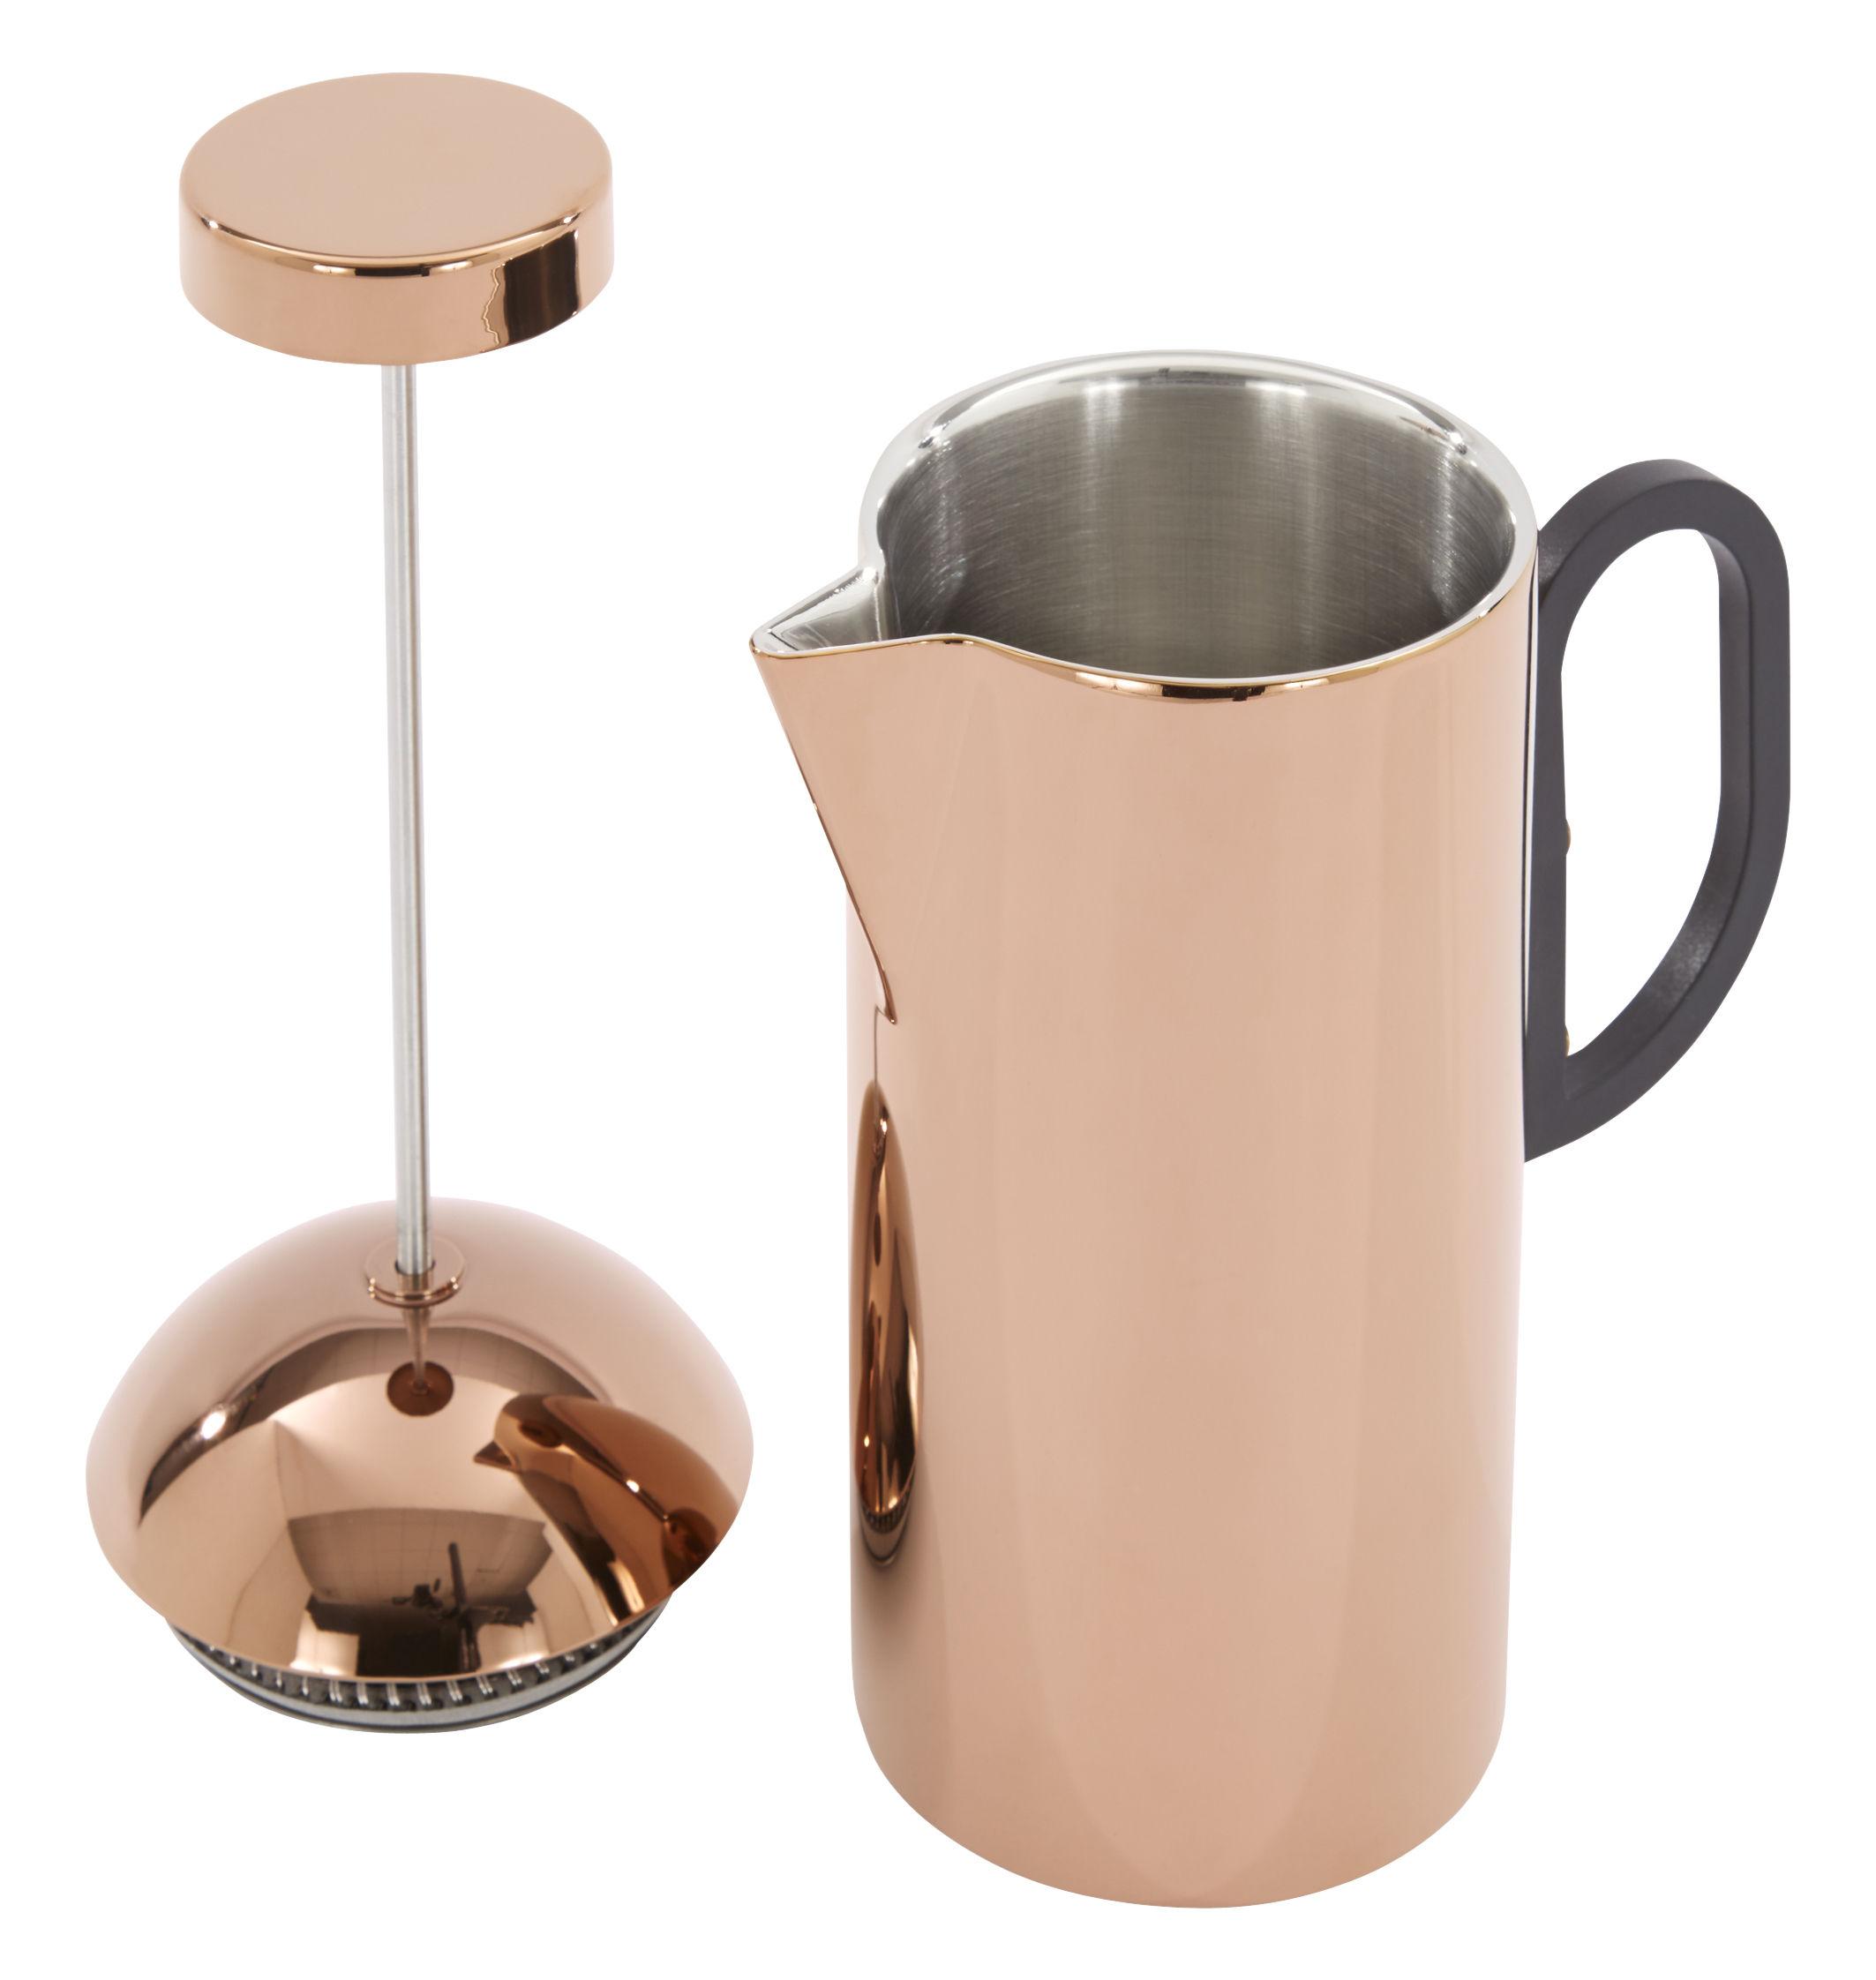 Brew Coffee maker Copper by Tom Dixon